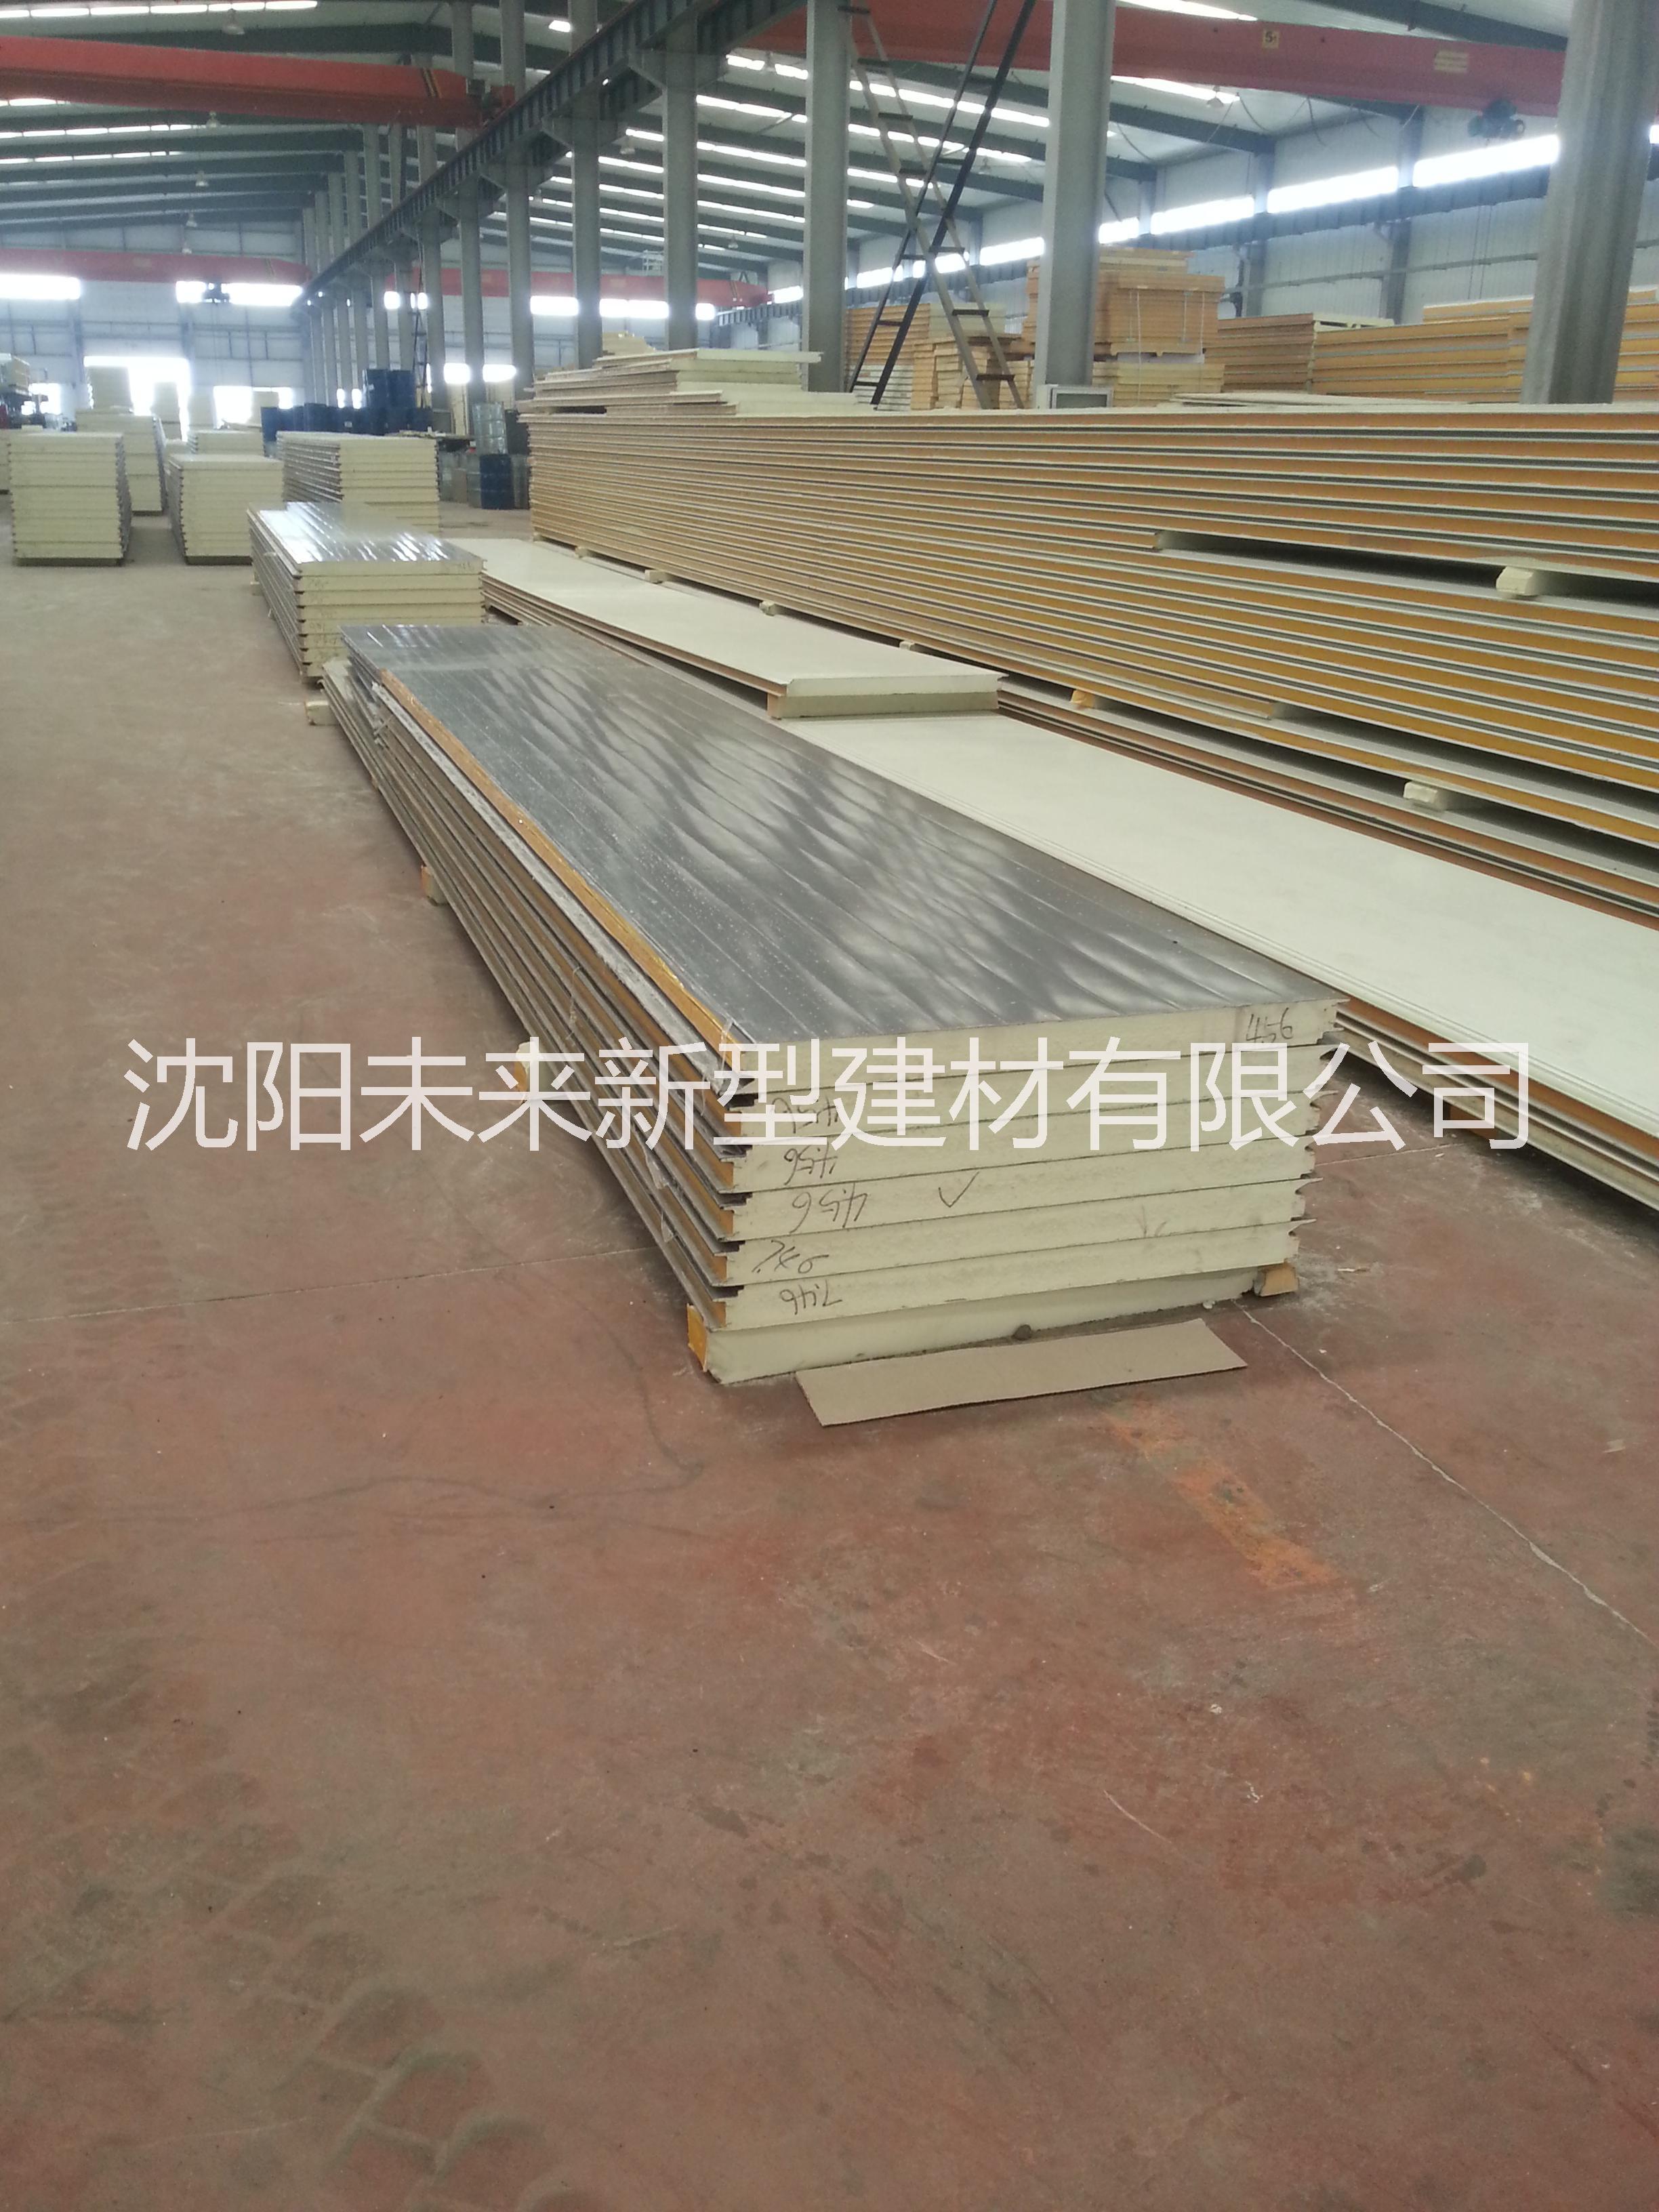 A级防火外墙保温板 聚氨酯外墙保温板 水泥砂浆布外墙保温板 聚氨酯复合板聚氨酯夹芯板